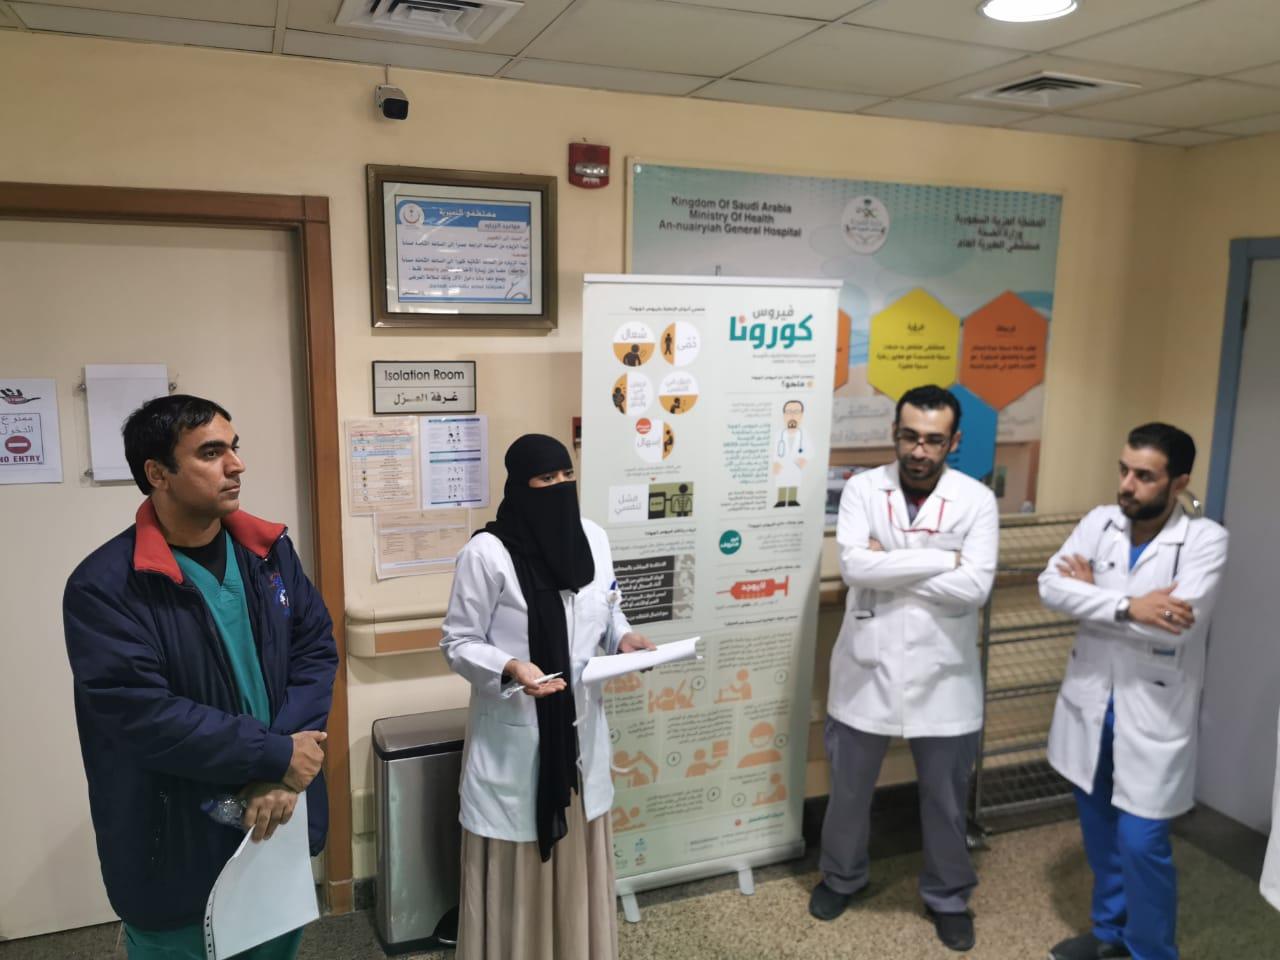 ضمن عدة زيارات ميدانية لمستشفيات المنطقة.. فريق مكافحة العدوى يزور النعيرية